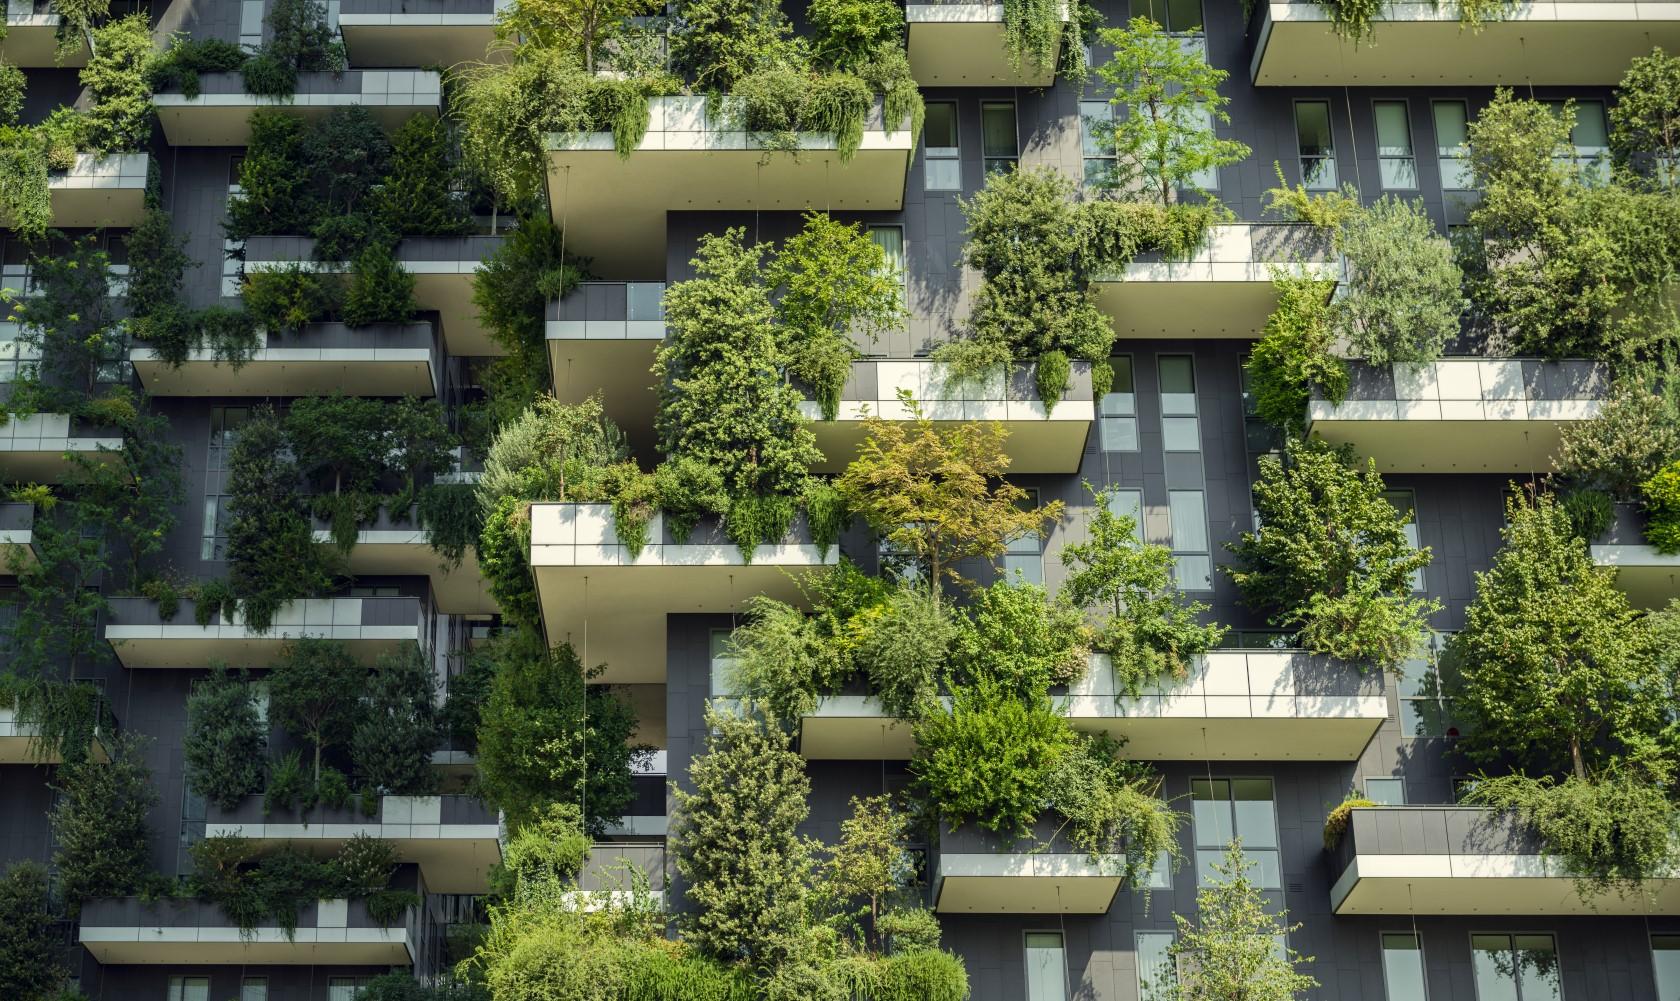 lägenhetsfasad med gröna växter